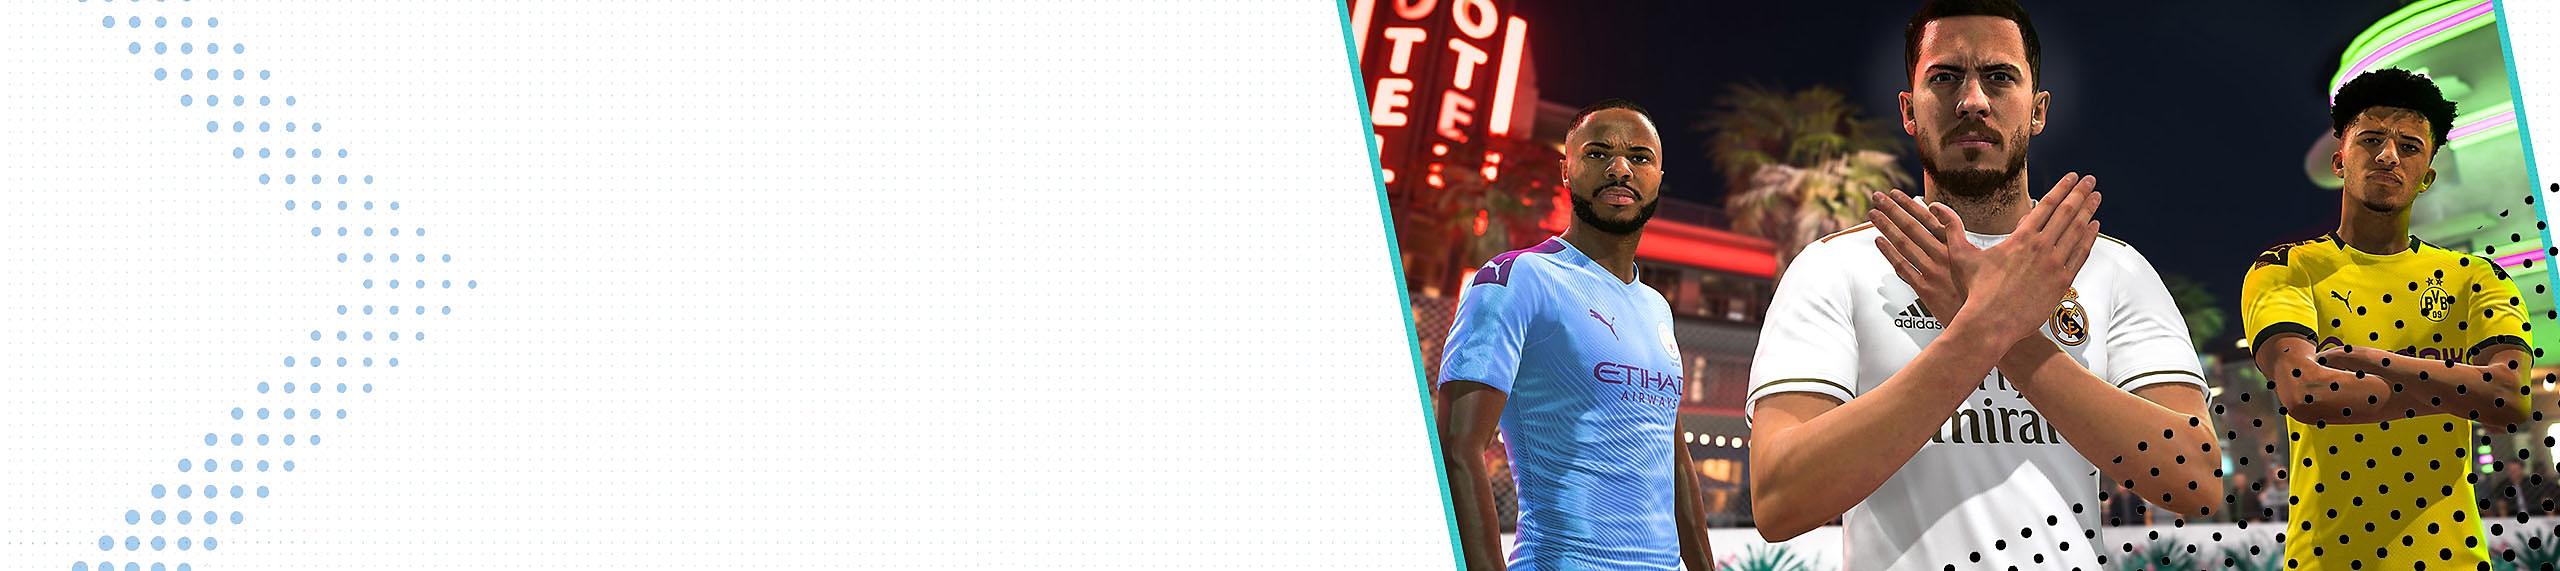 ست مميزات جديدة ستُحدِث طفرة في لعبة FIFA 20 المقدمة من EA Sports